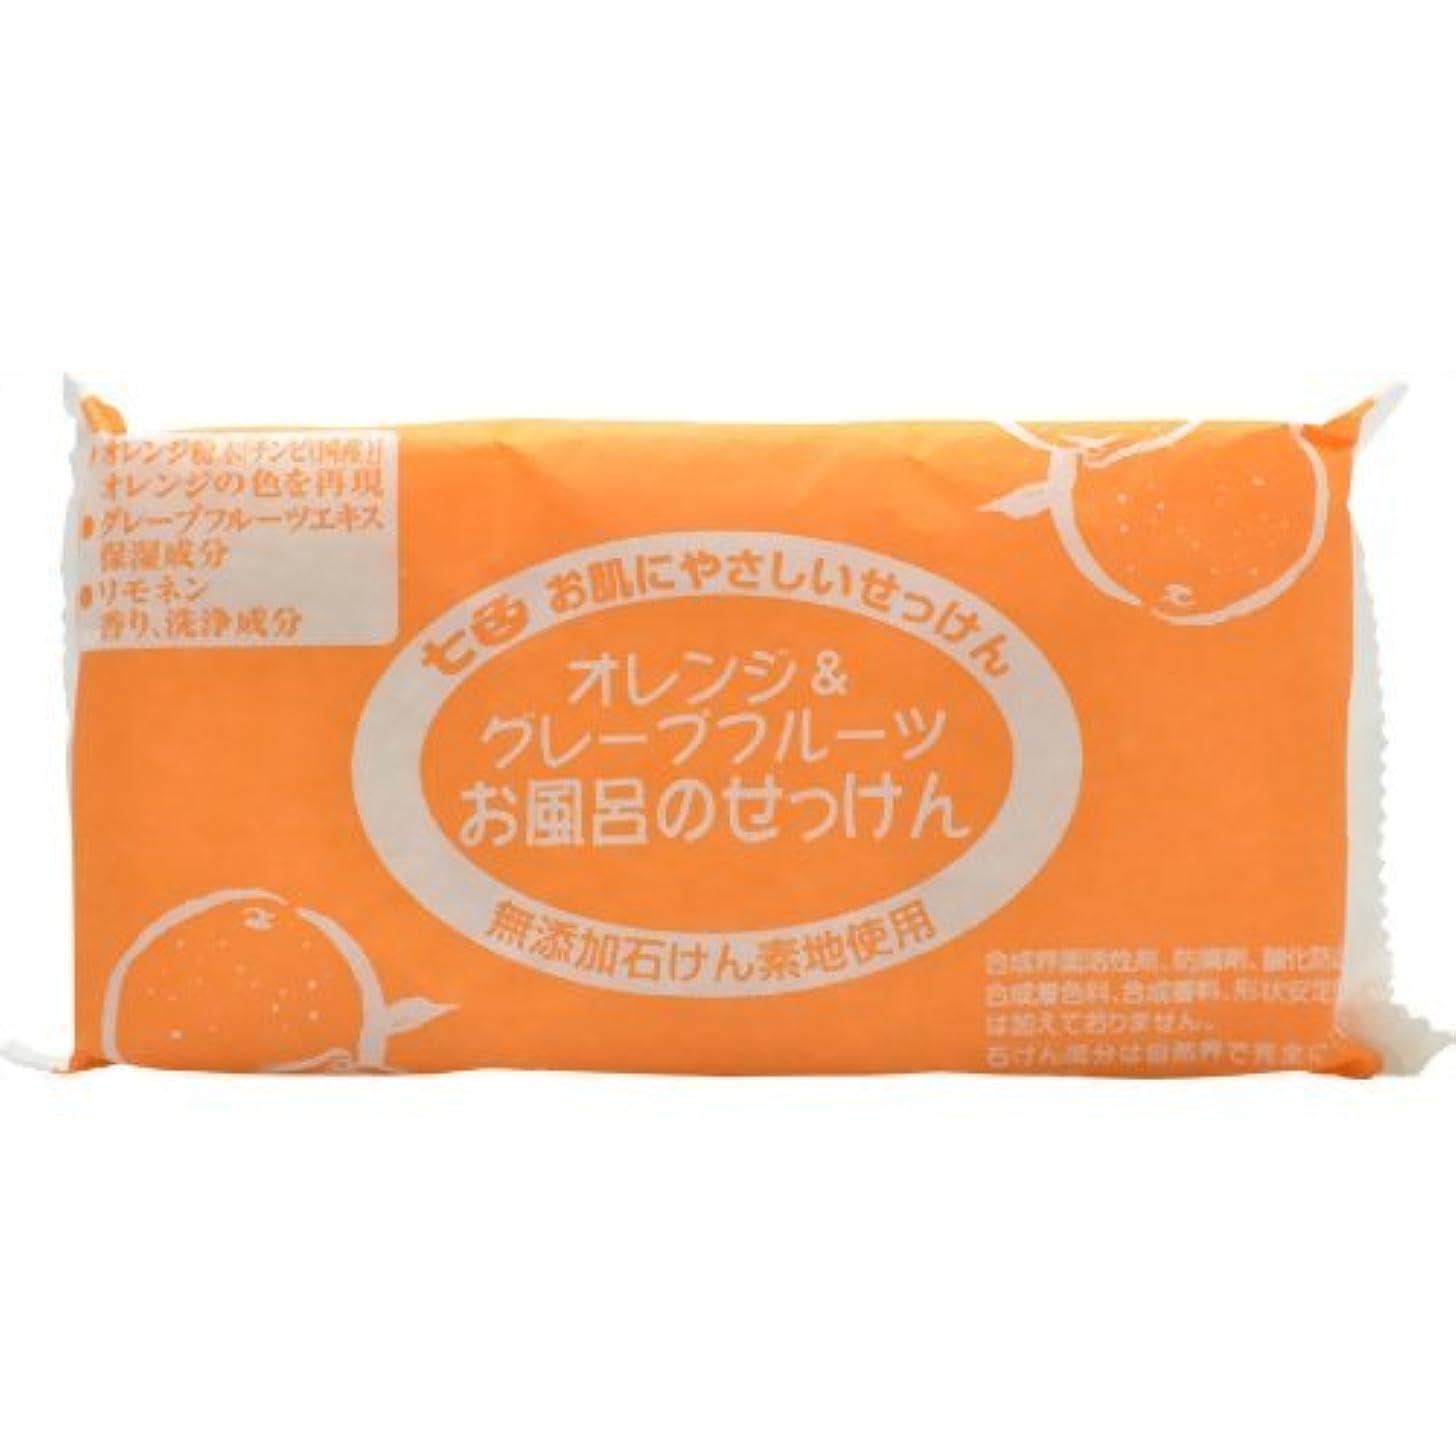 ビートタウポ湖絵まるは オレンジ&グレープフルーツ お風呂の石鹸 3個入り